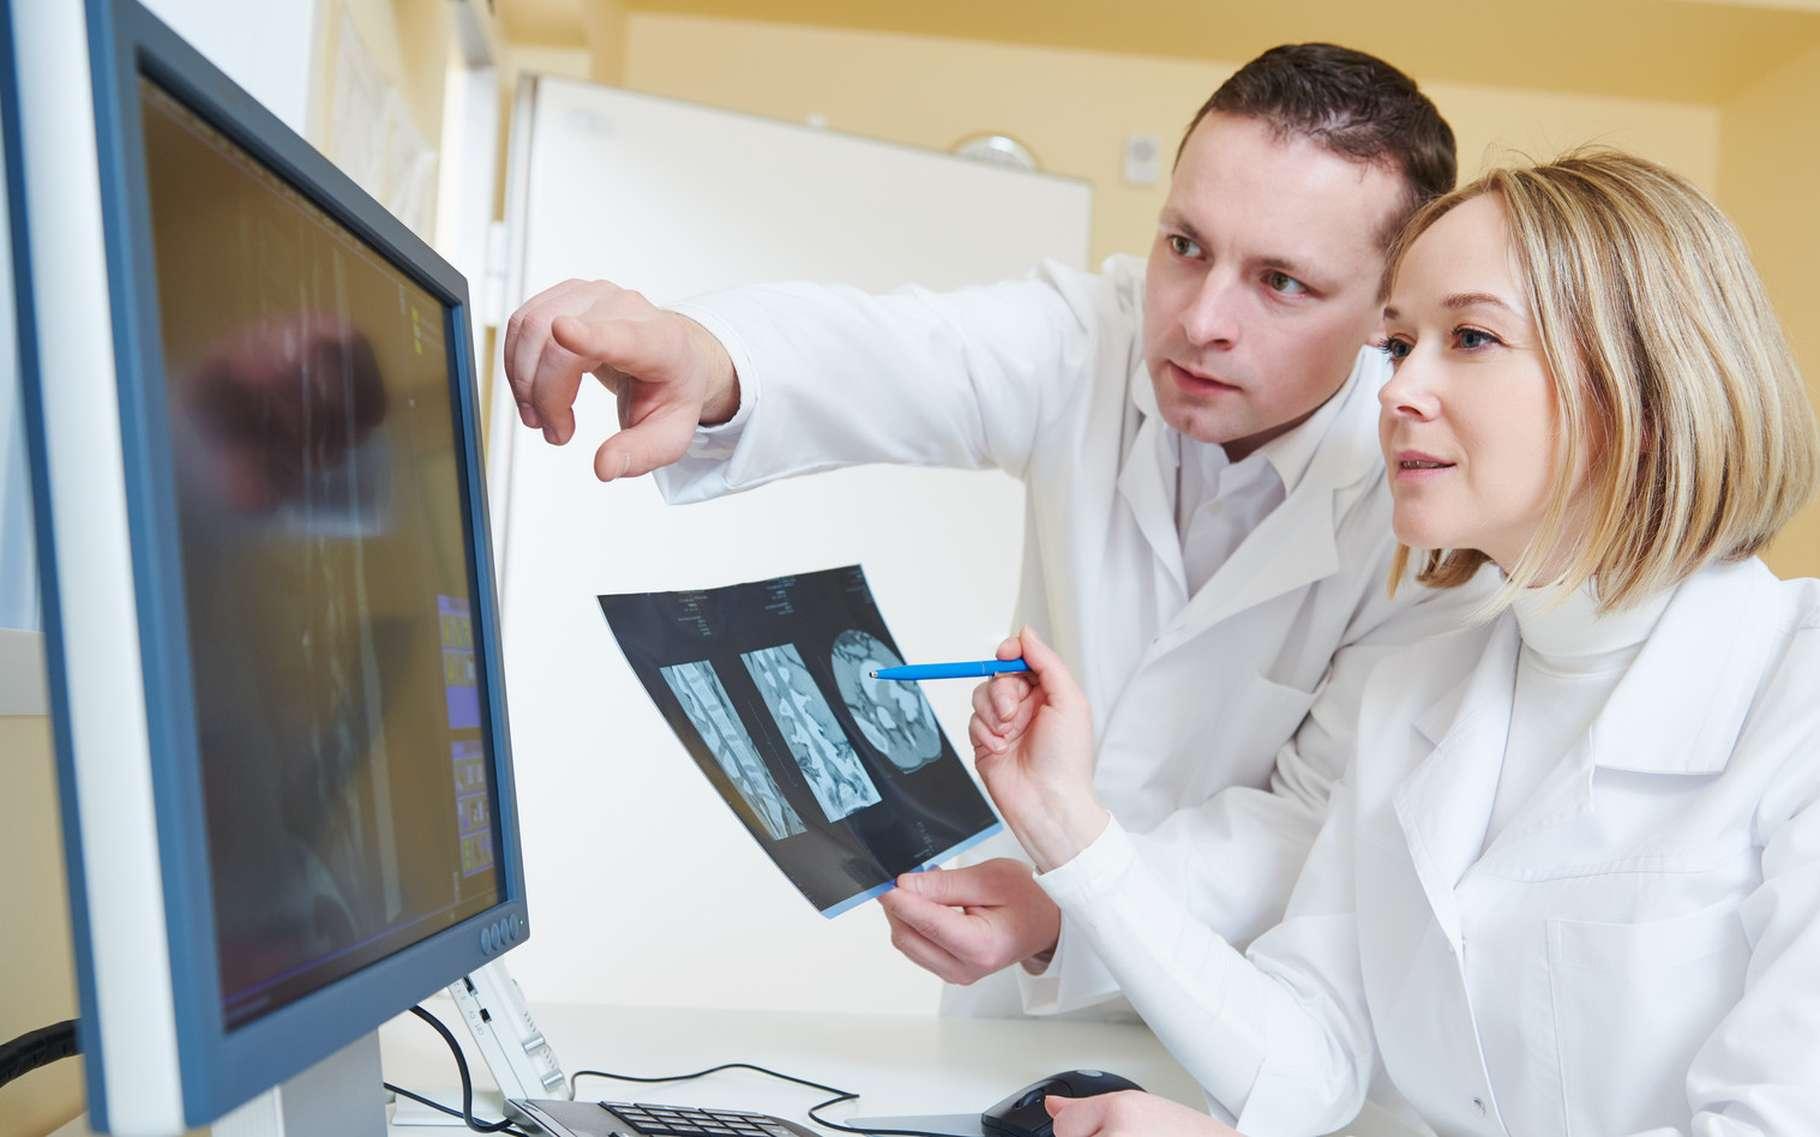 L'imagerie par résonance magnétique (IRM) permet de confirmer le diagnostic du syndrome de Joubert chez un jeune patient. © Dmitry Kalinovsky, Shutterstock